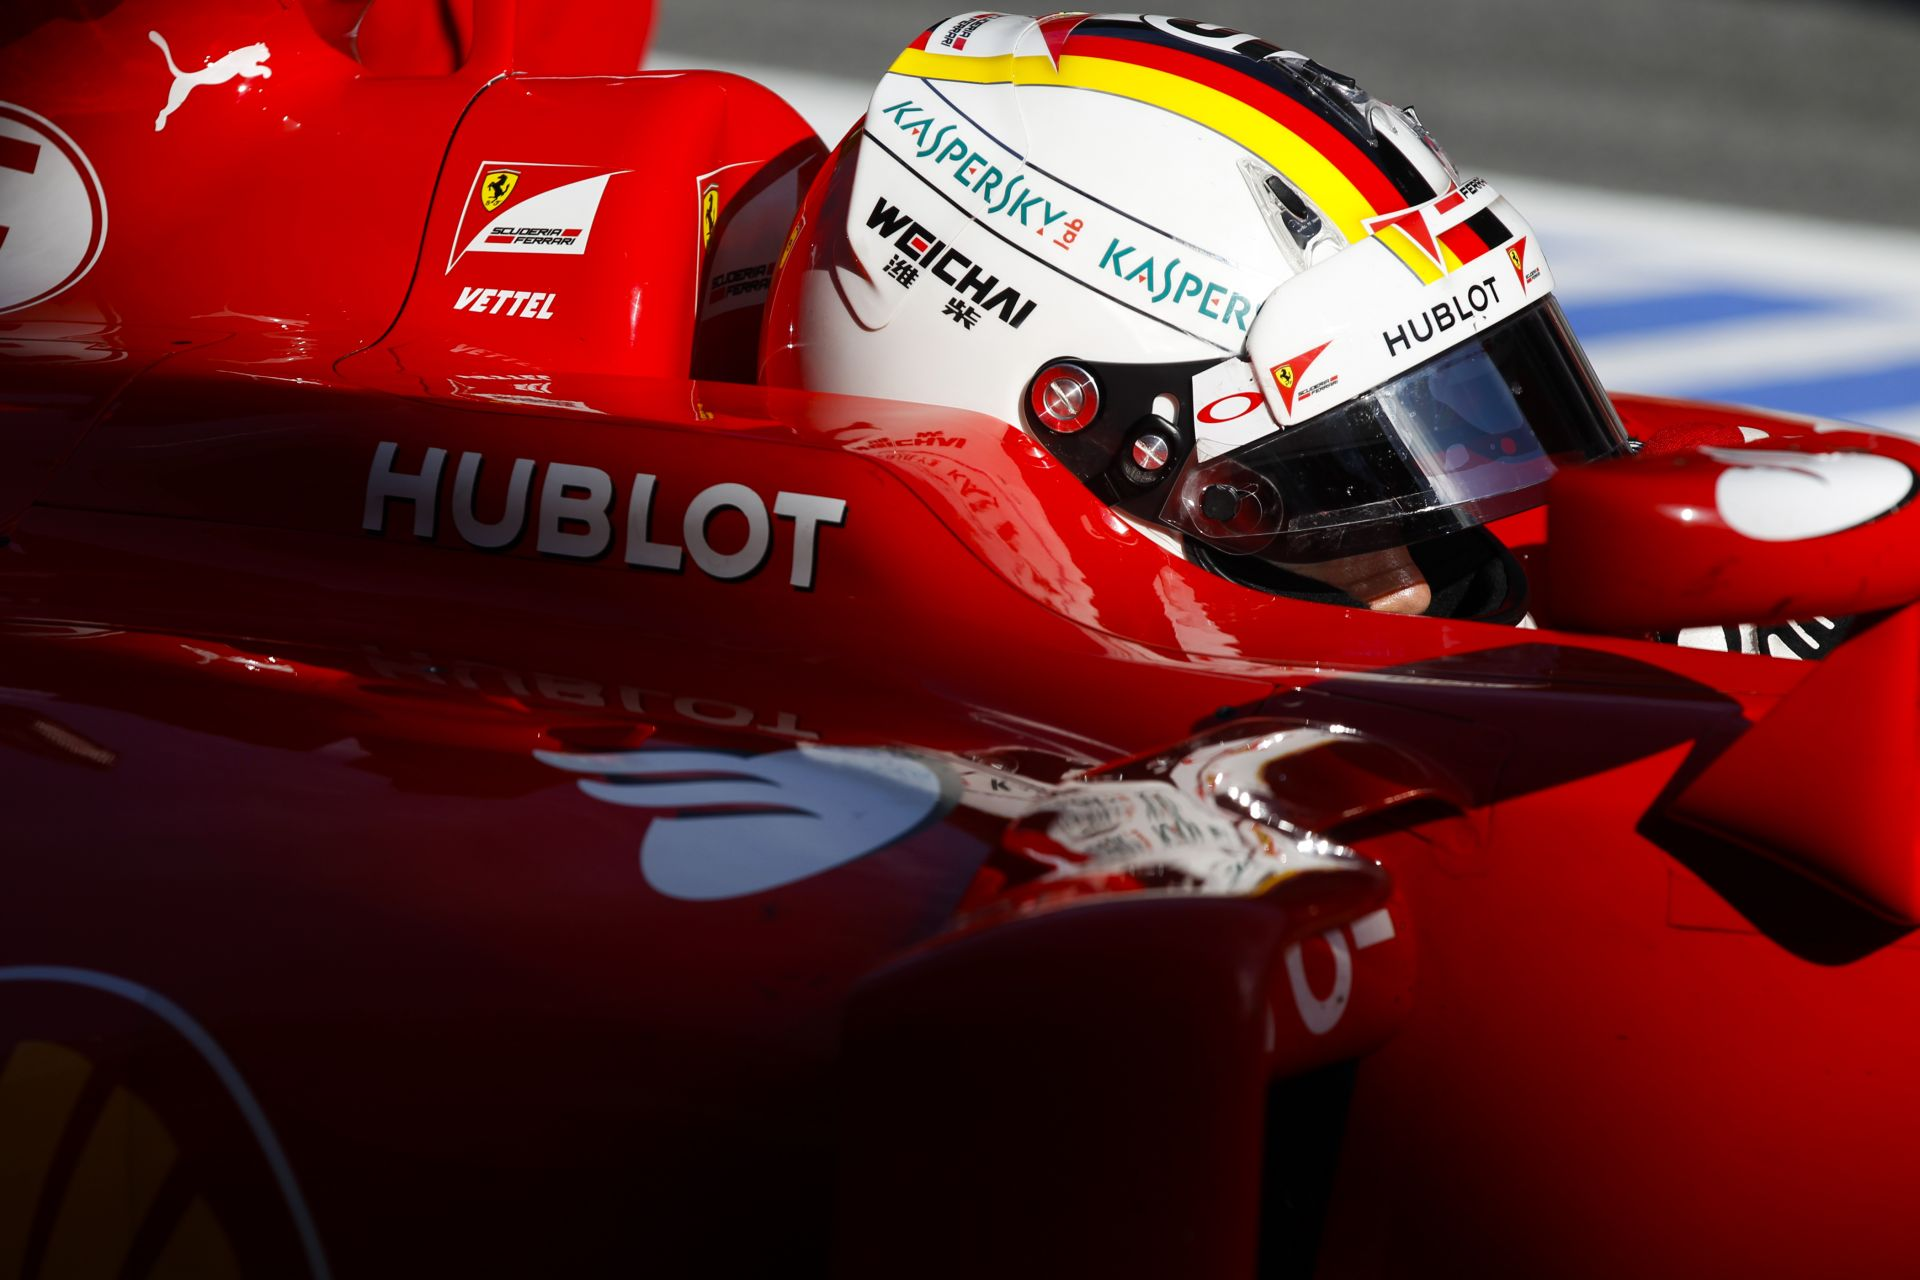 Az utolsó F1-es tesztnap következik az évadnyitó Ausztrál Nagydíj előtt: Vettel, Rosberg és Button is a pályán